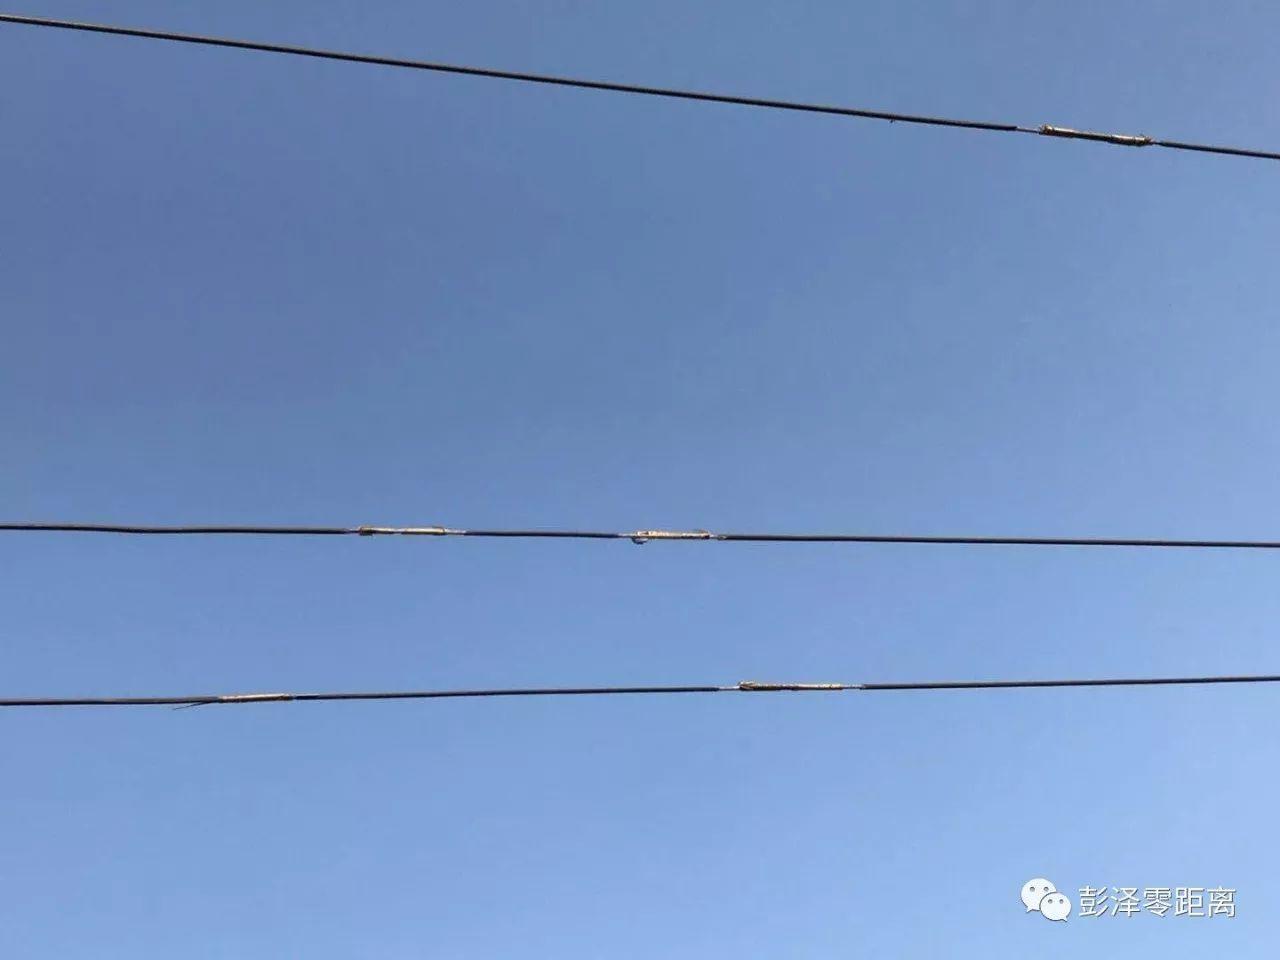 1万伏高压线安全距离 - 阿里巴巴行业问答